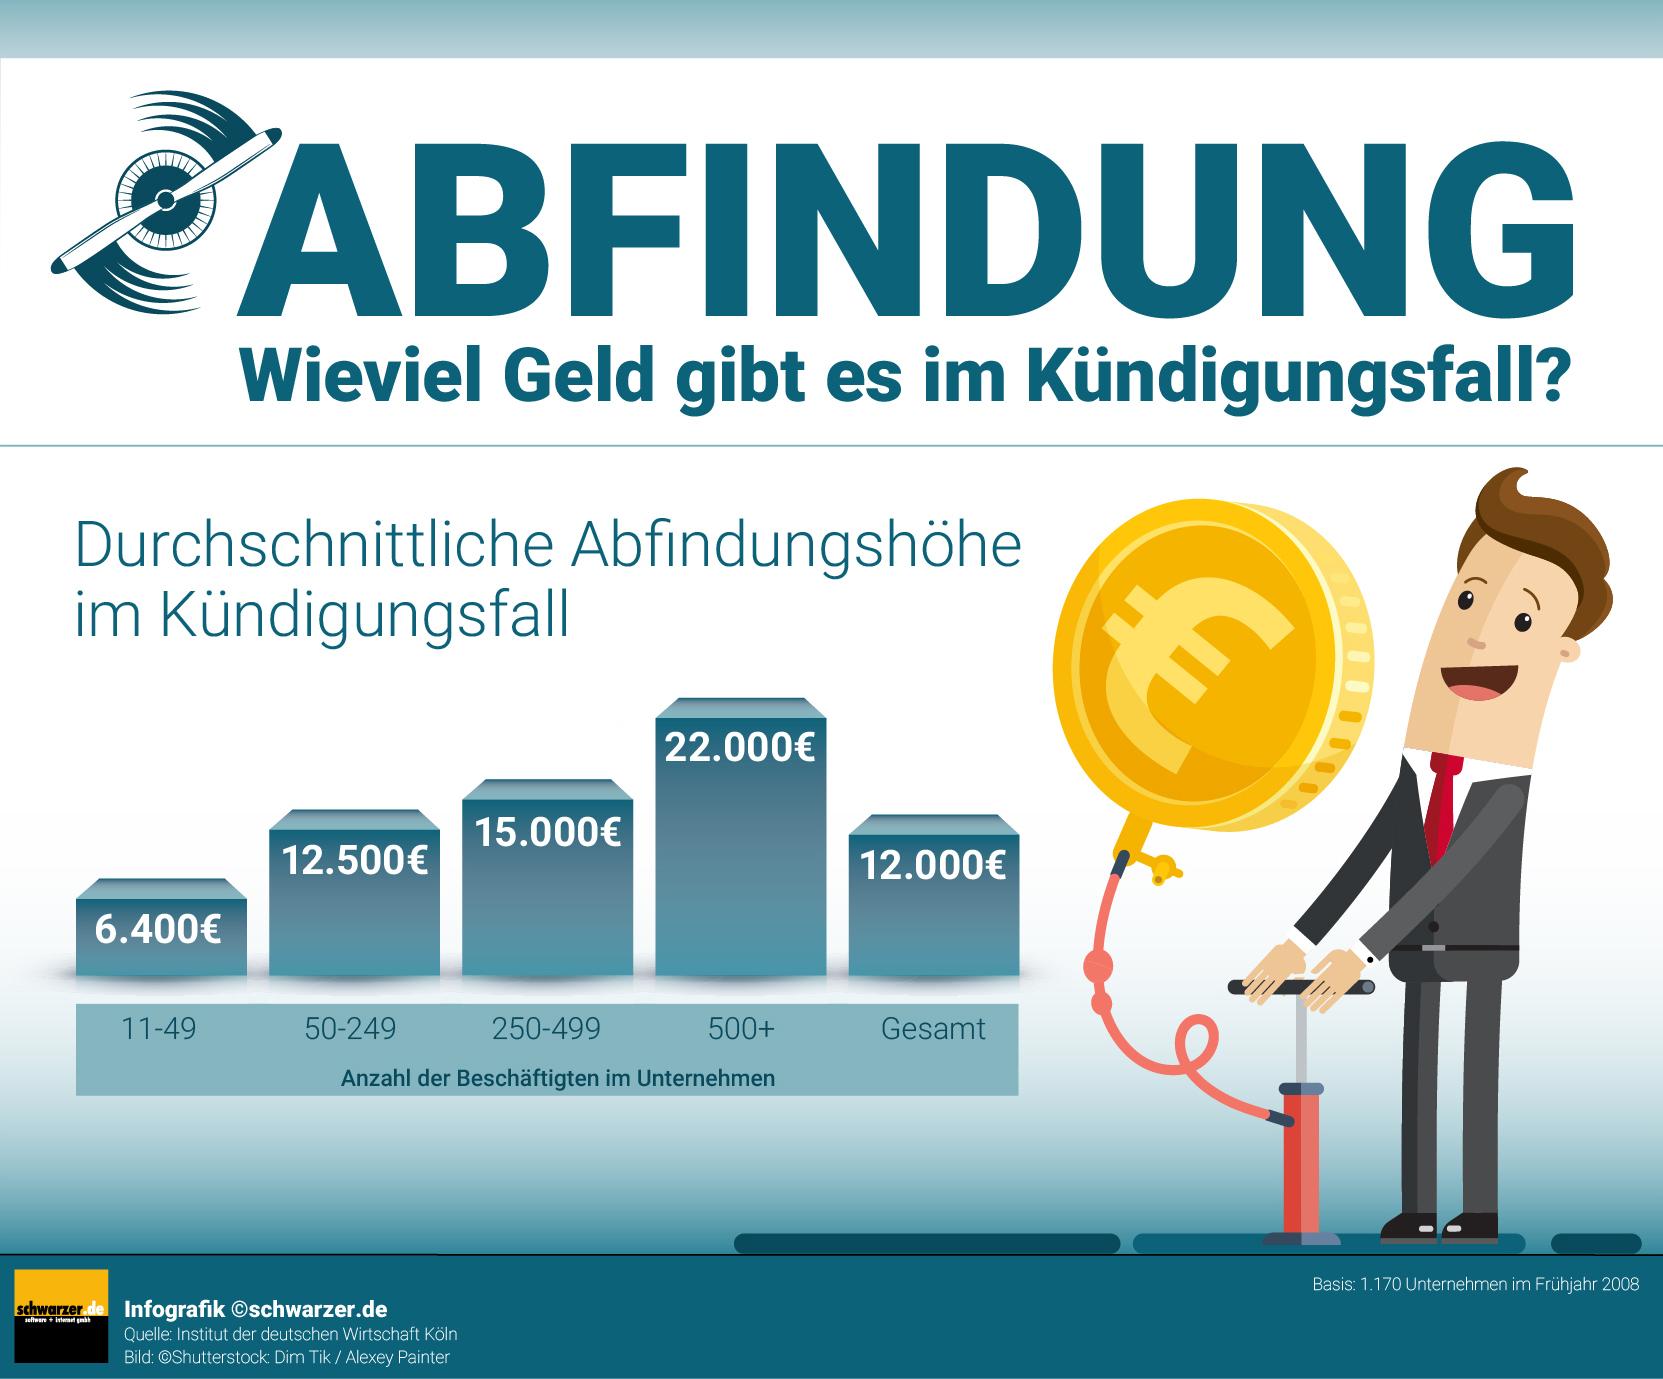 Infografik: Abfindung - Wieviel Geld gibt es im Kündigungsfall? (Durchschnittliche Abfindungshöhe, nach Mitarbeiterzahl)